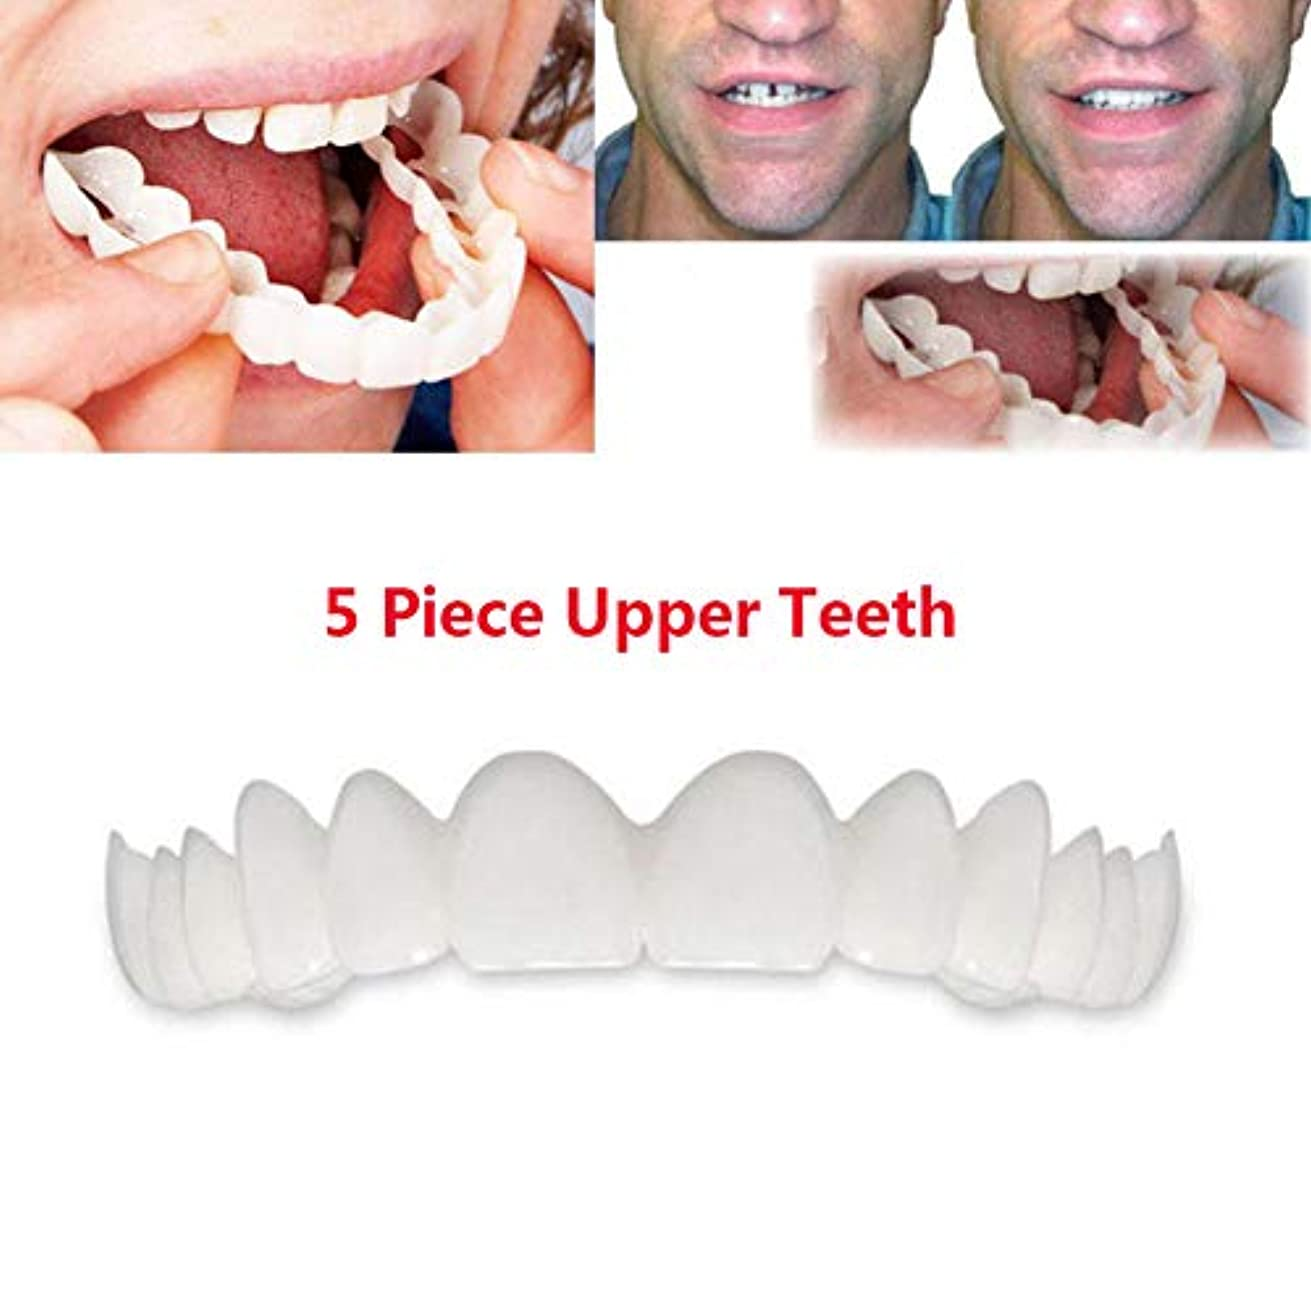 司教ベンチ六5枚の一時的な化粧品の歯入れ歯の歯の化粧品のシミュレーションの上部の袖口、白くなる歯のスナップの帽子の即刻の慰めの柔らかい完全なベニヤ